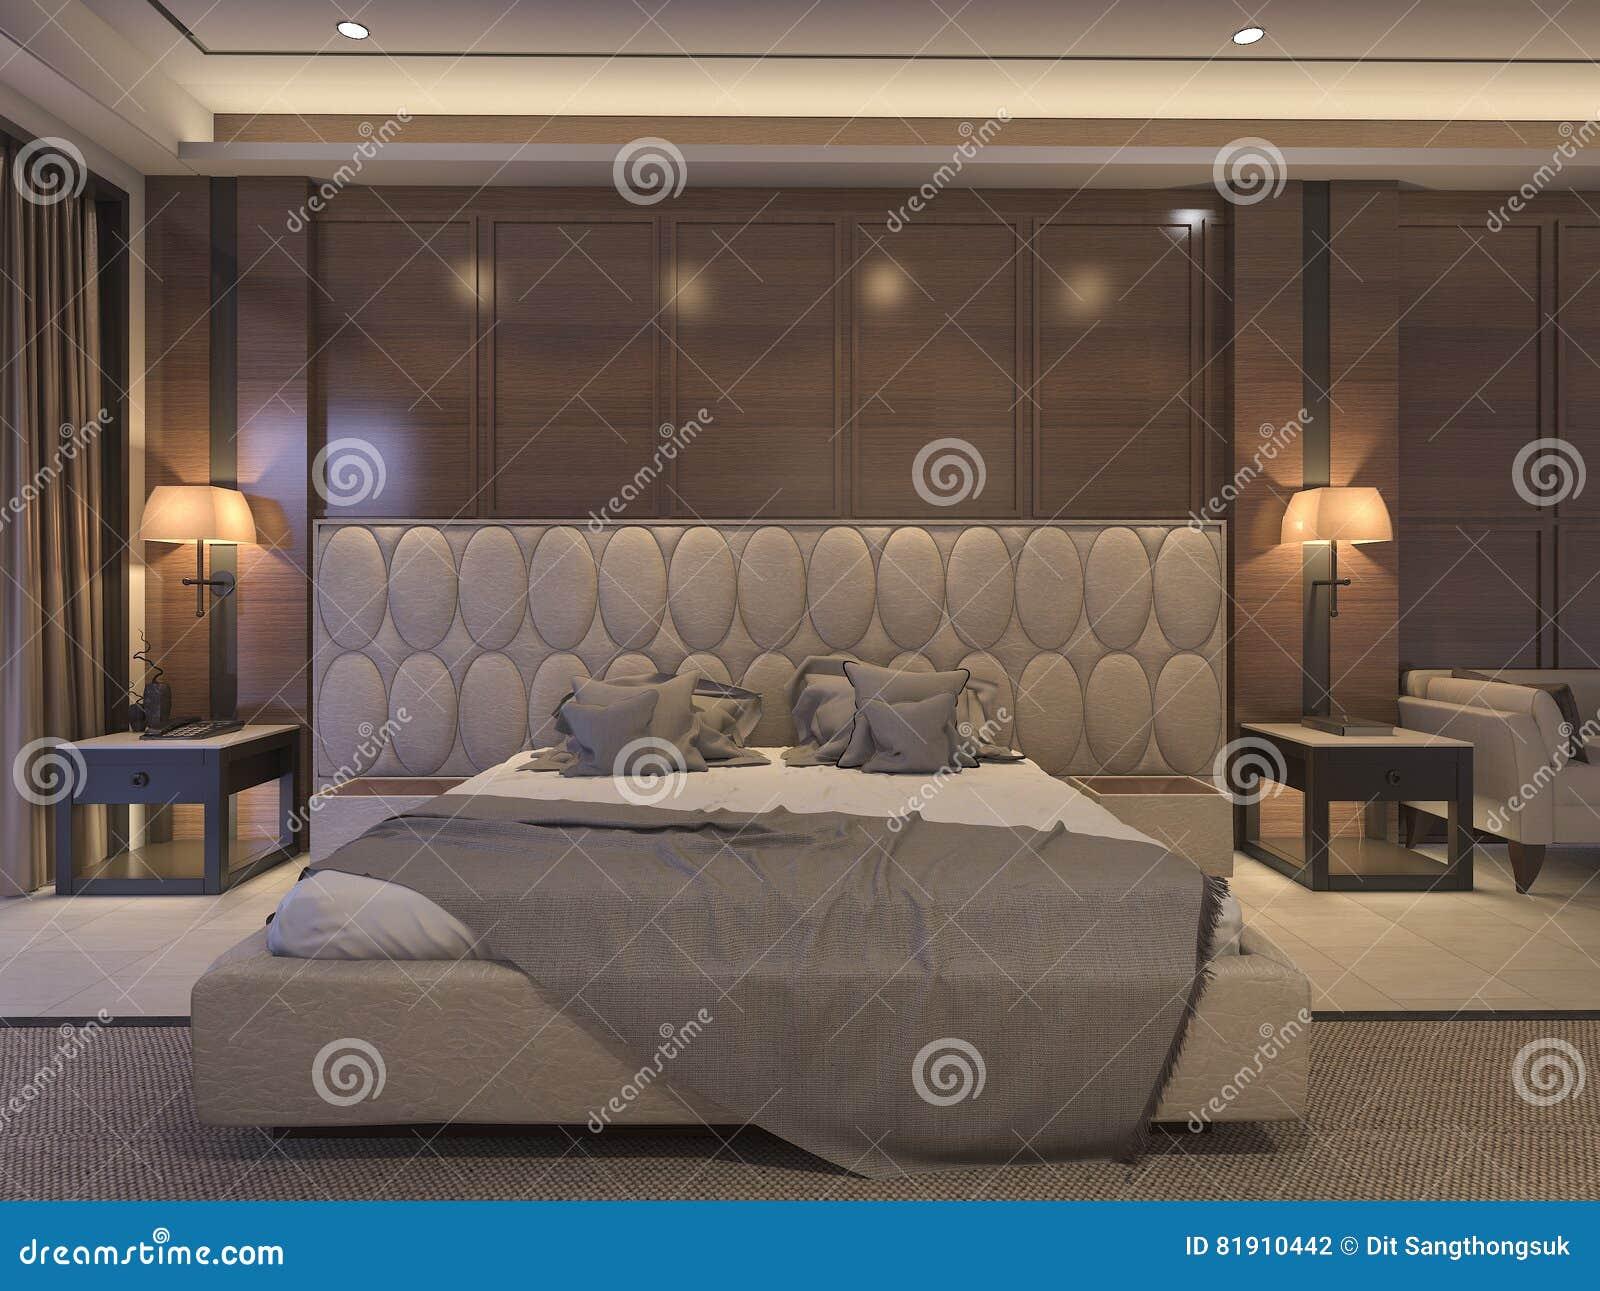 Camere Da Letto Classiche Romantiche : Decorazione camera da letto romantica decorazione del letto